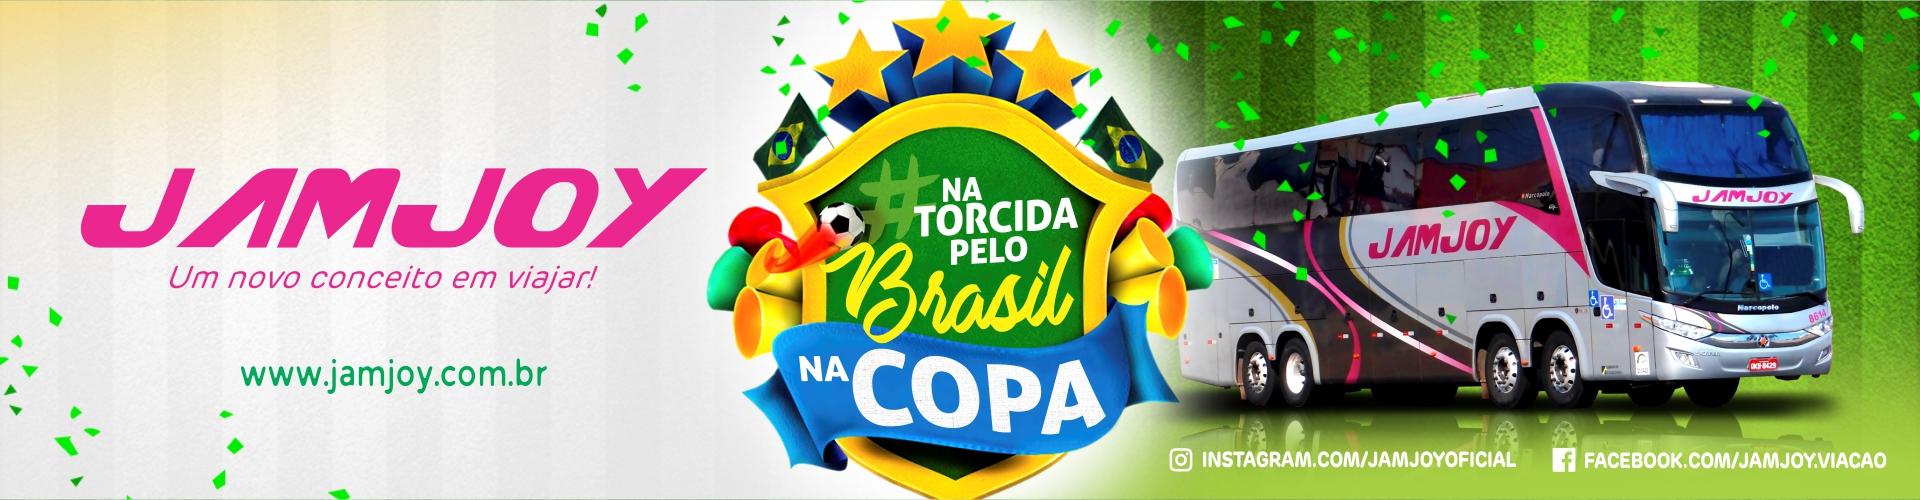 Na Torcida Pelo Brasil Na Copa